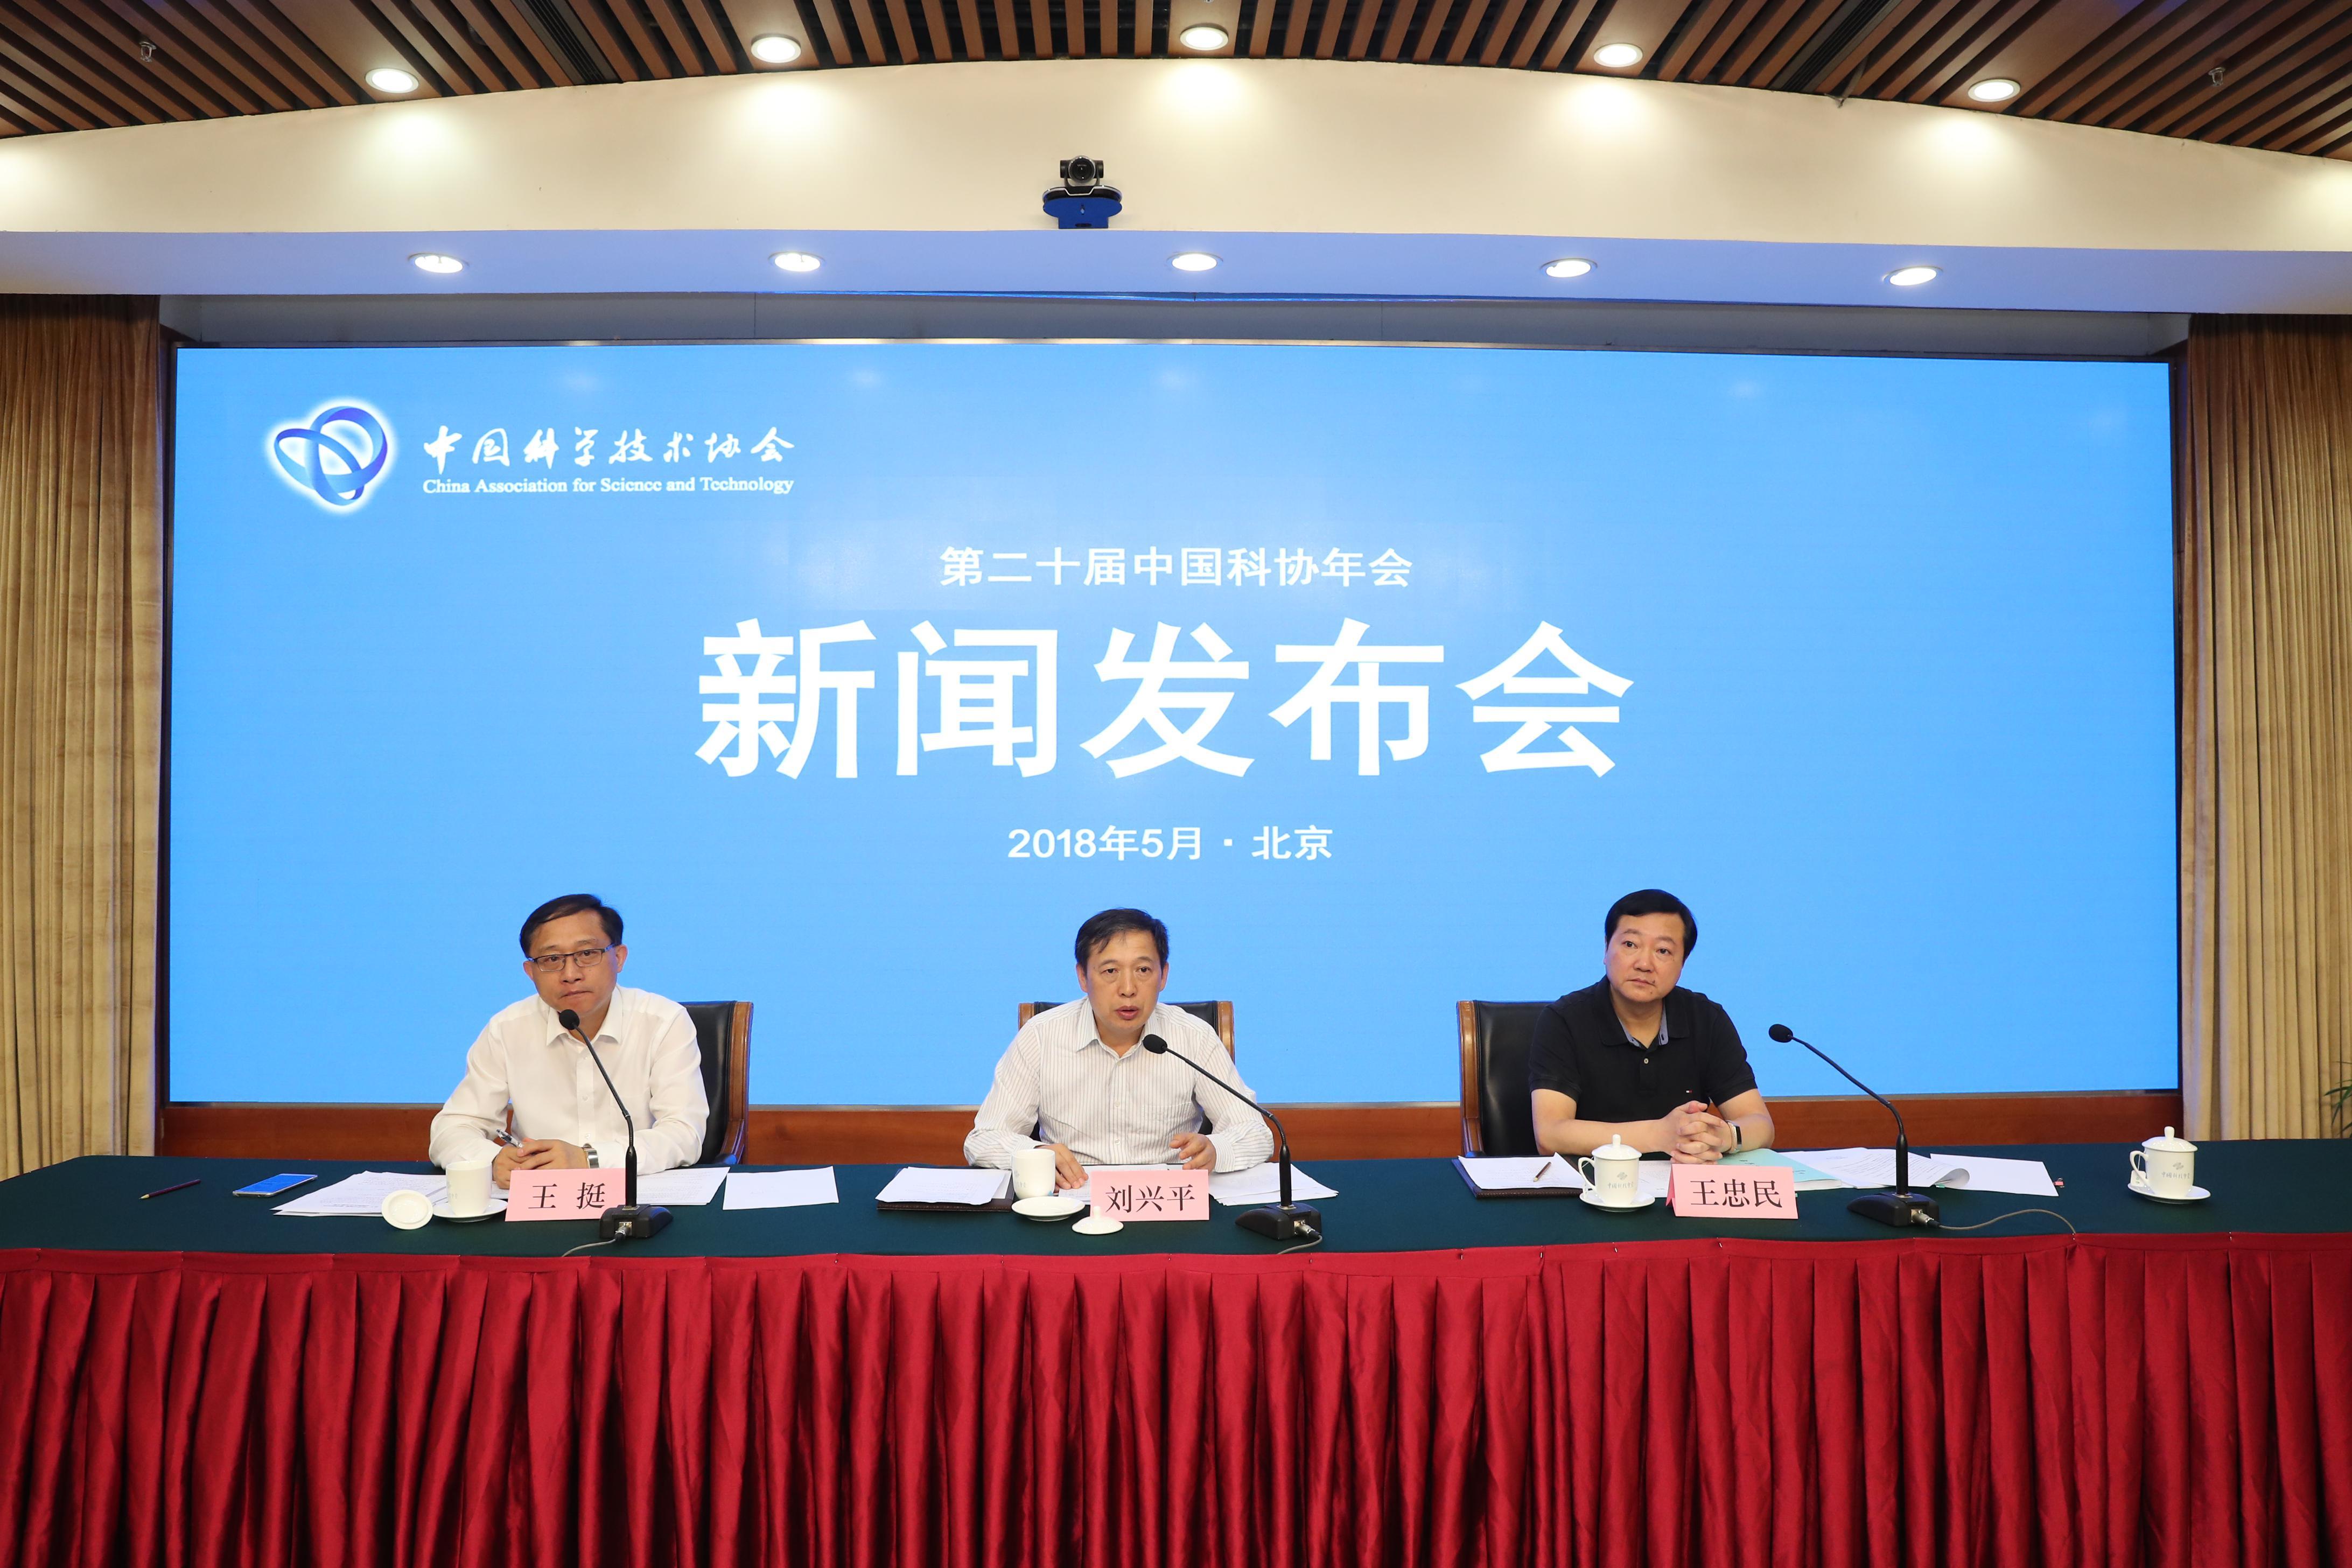 中国科协公布第二十届年会总体安排及筹备情况